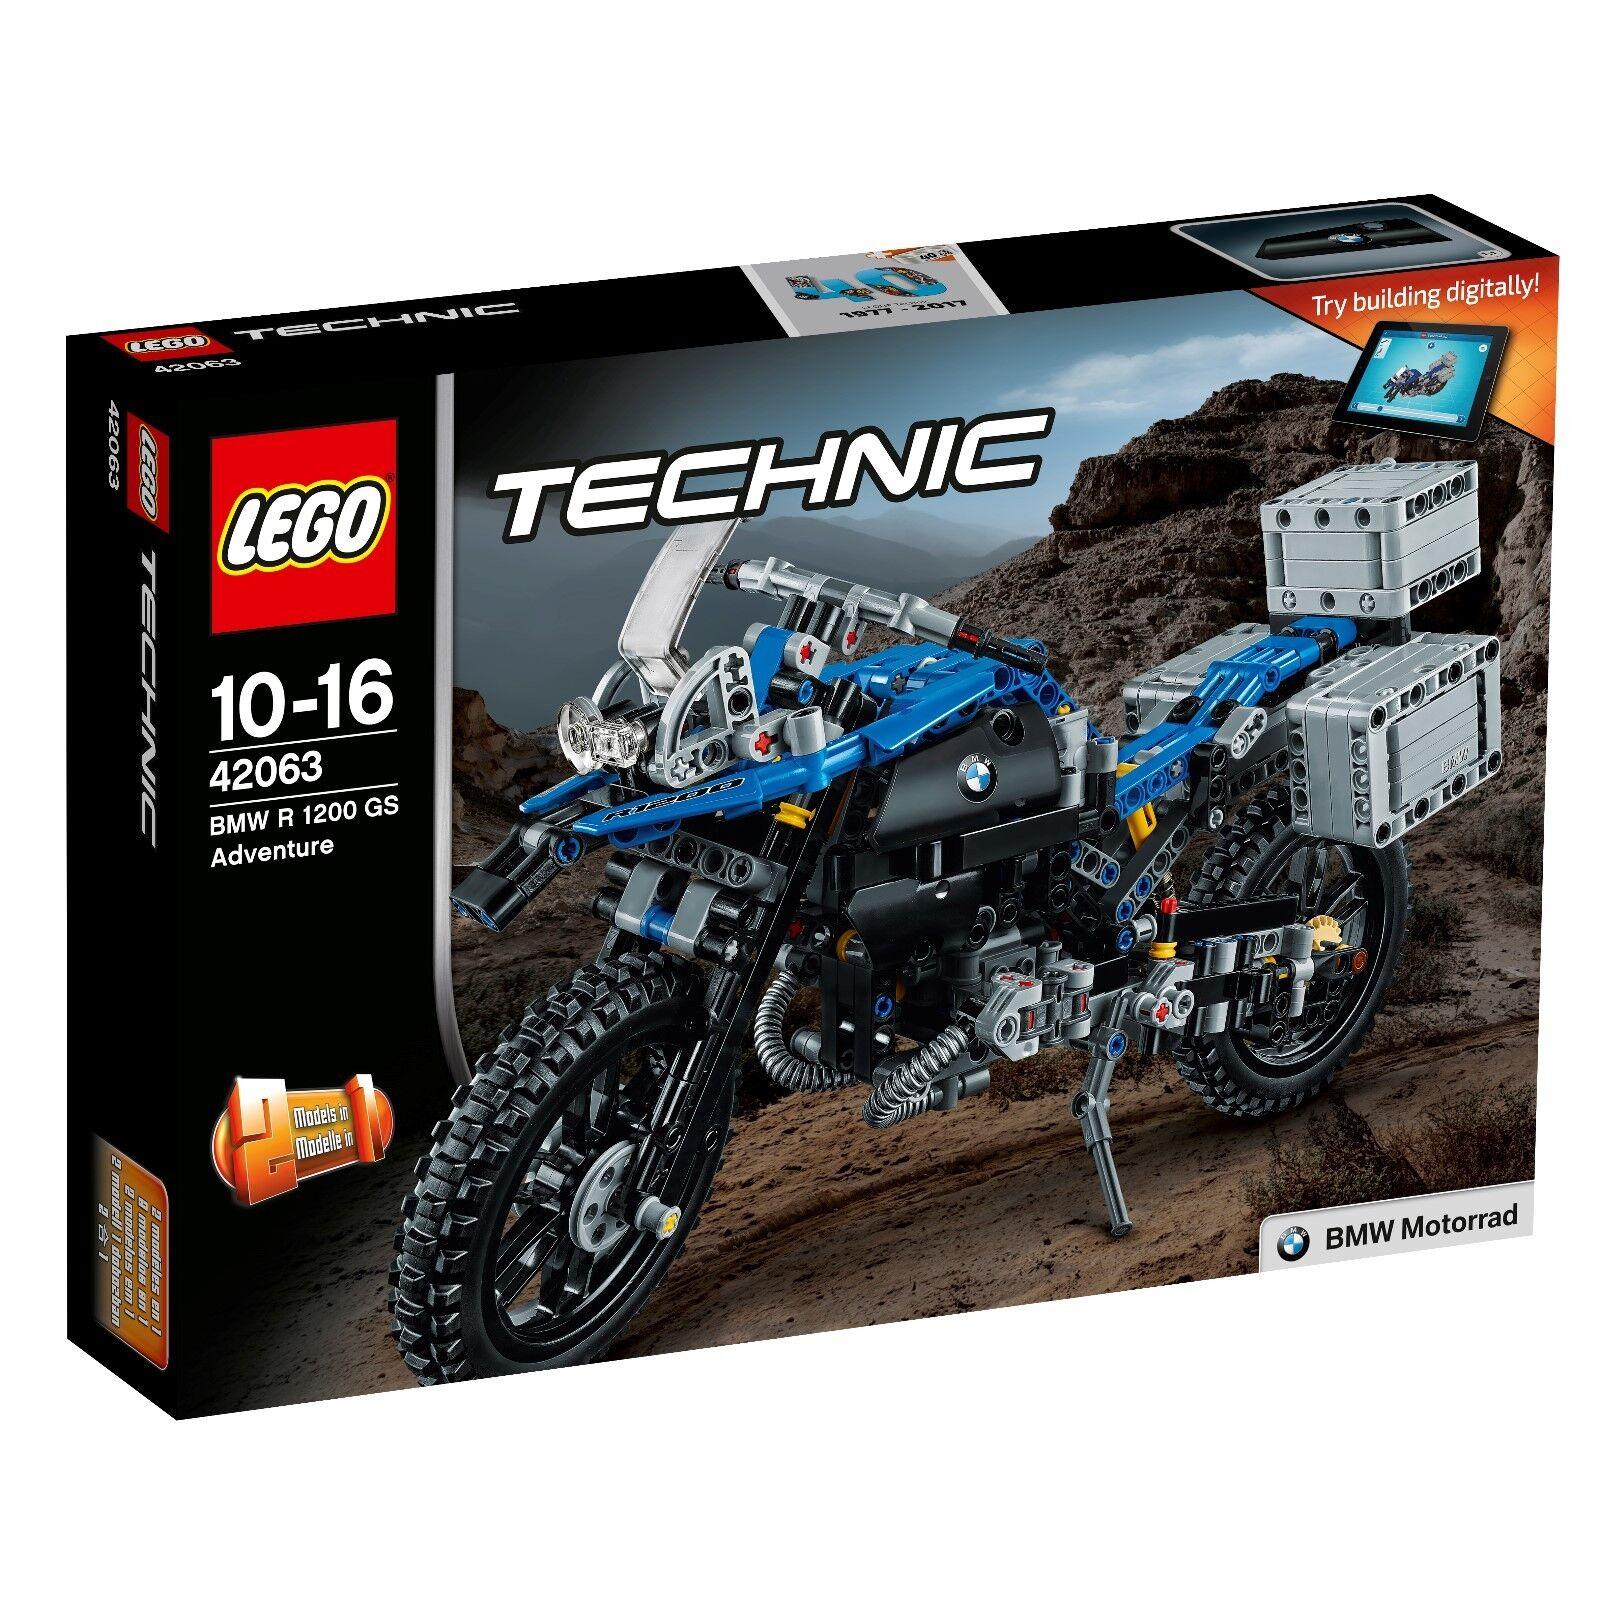 Lego ® Technic 42063 BMW R 1200 GS Adventure-NOUVEAU & NEUF dans sa boîte -